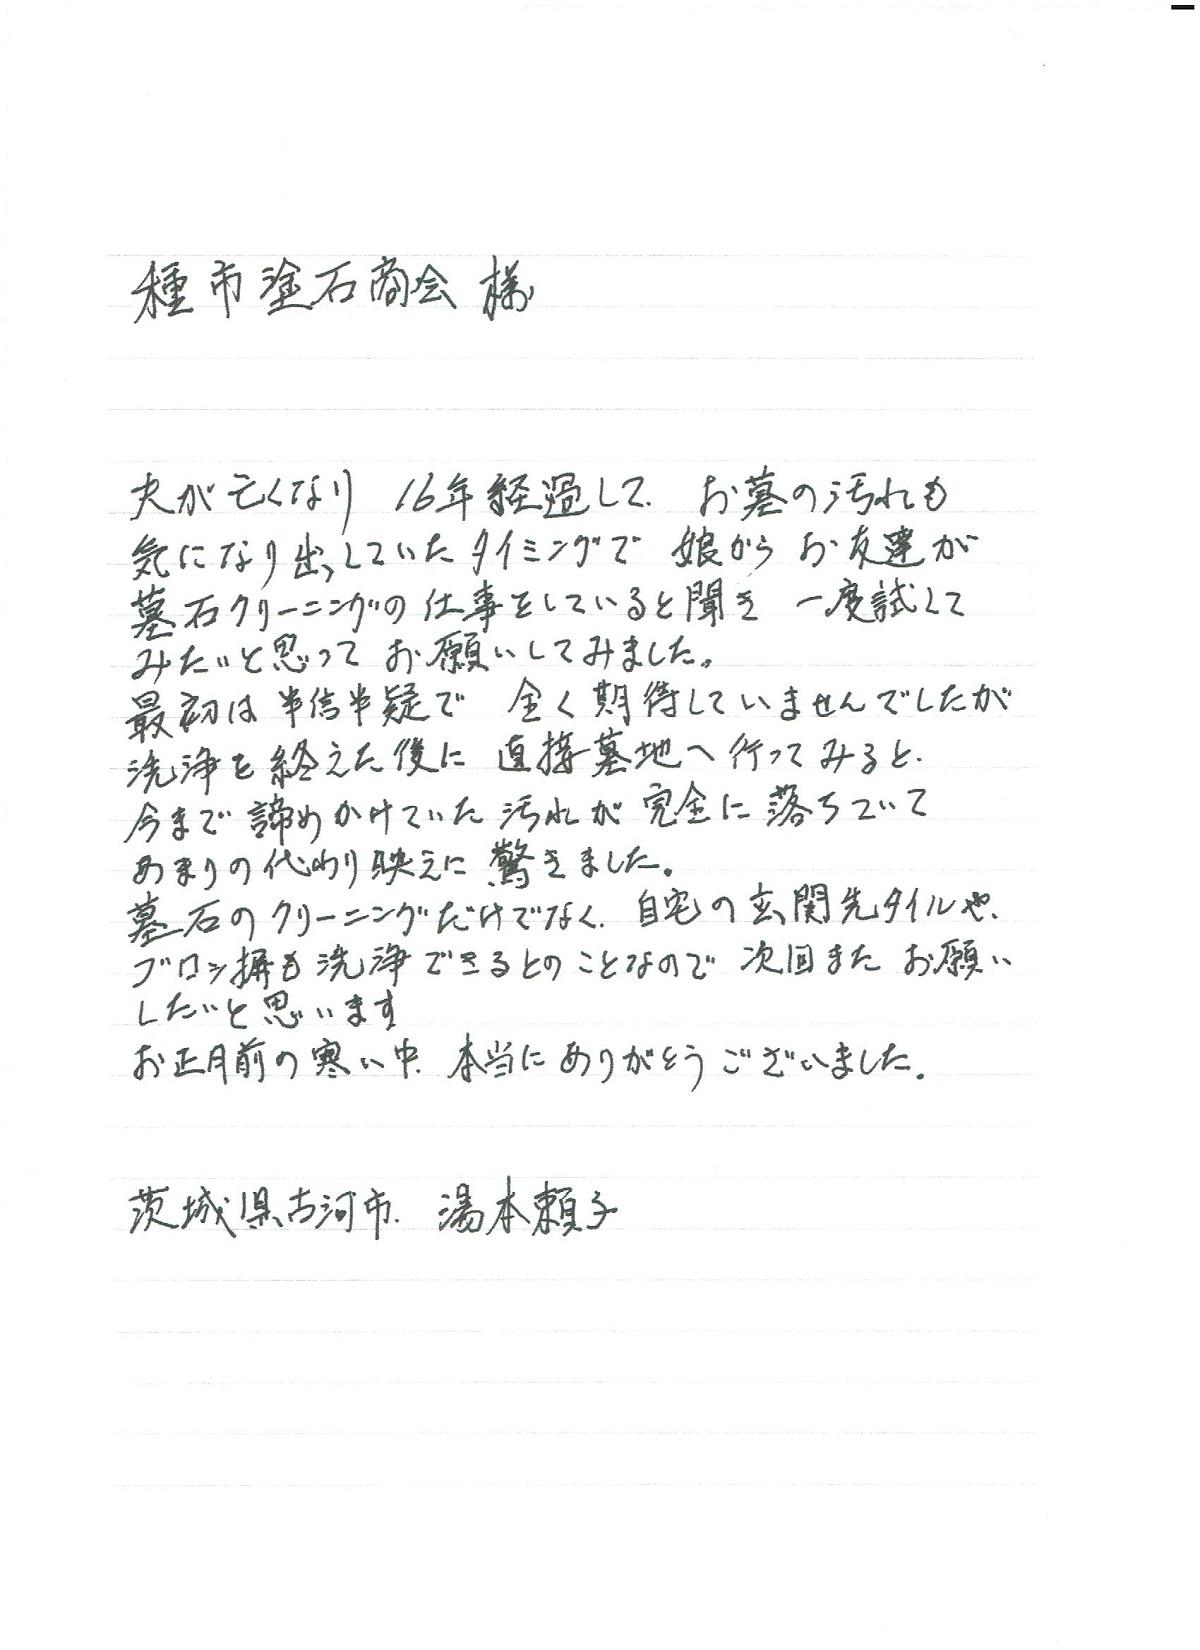 茨城県古河市  湯本 頼子  様様から頂いたお手紙の写真